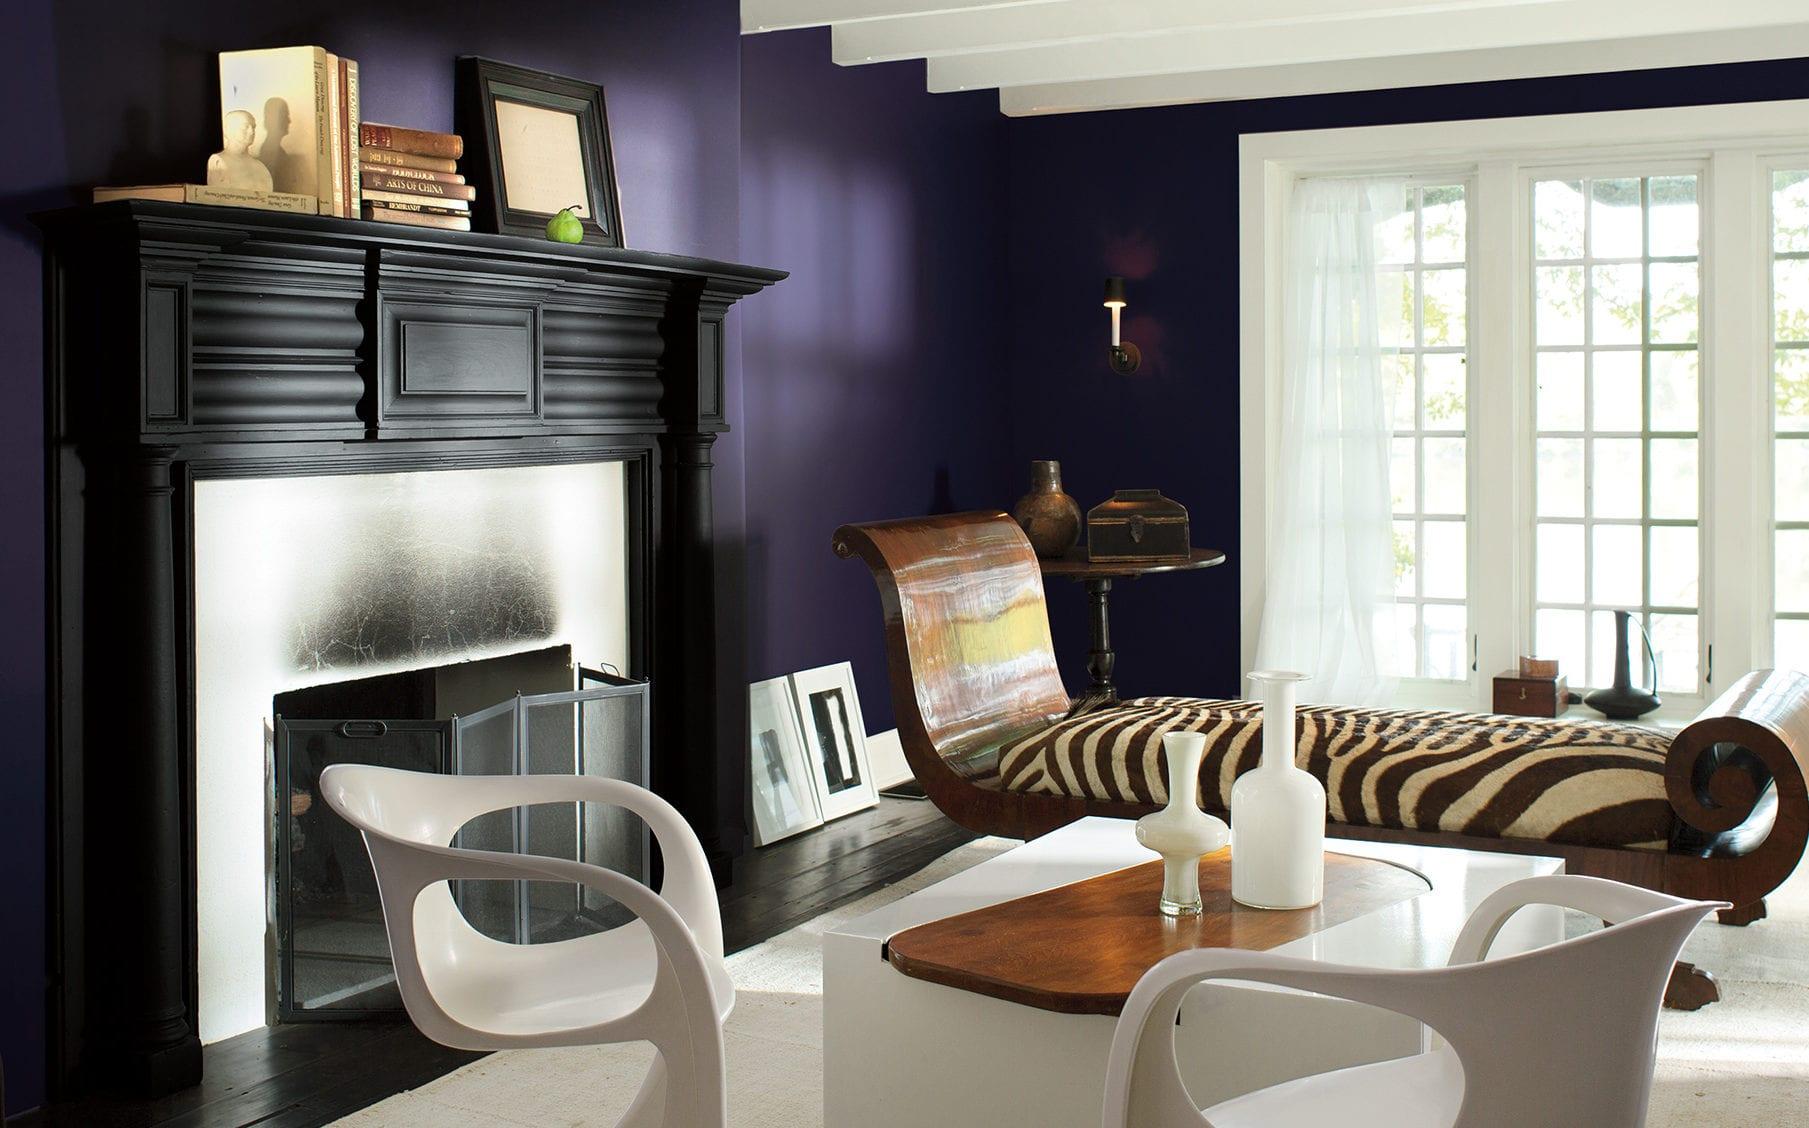 farbgestaltung wohnzimmer mit wandfarbe lila, modernes wohnzimmer mit kamin schwarz, weiße stühle und couchtisch und ottomane sofa aus holz mit zebramuster in weißbraun